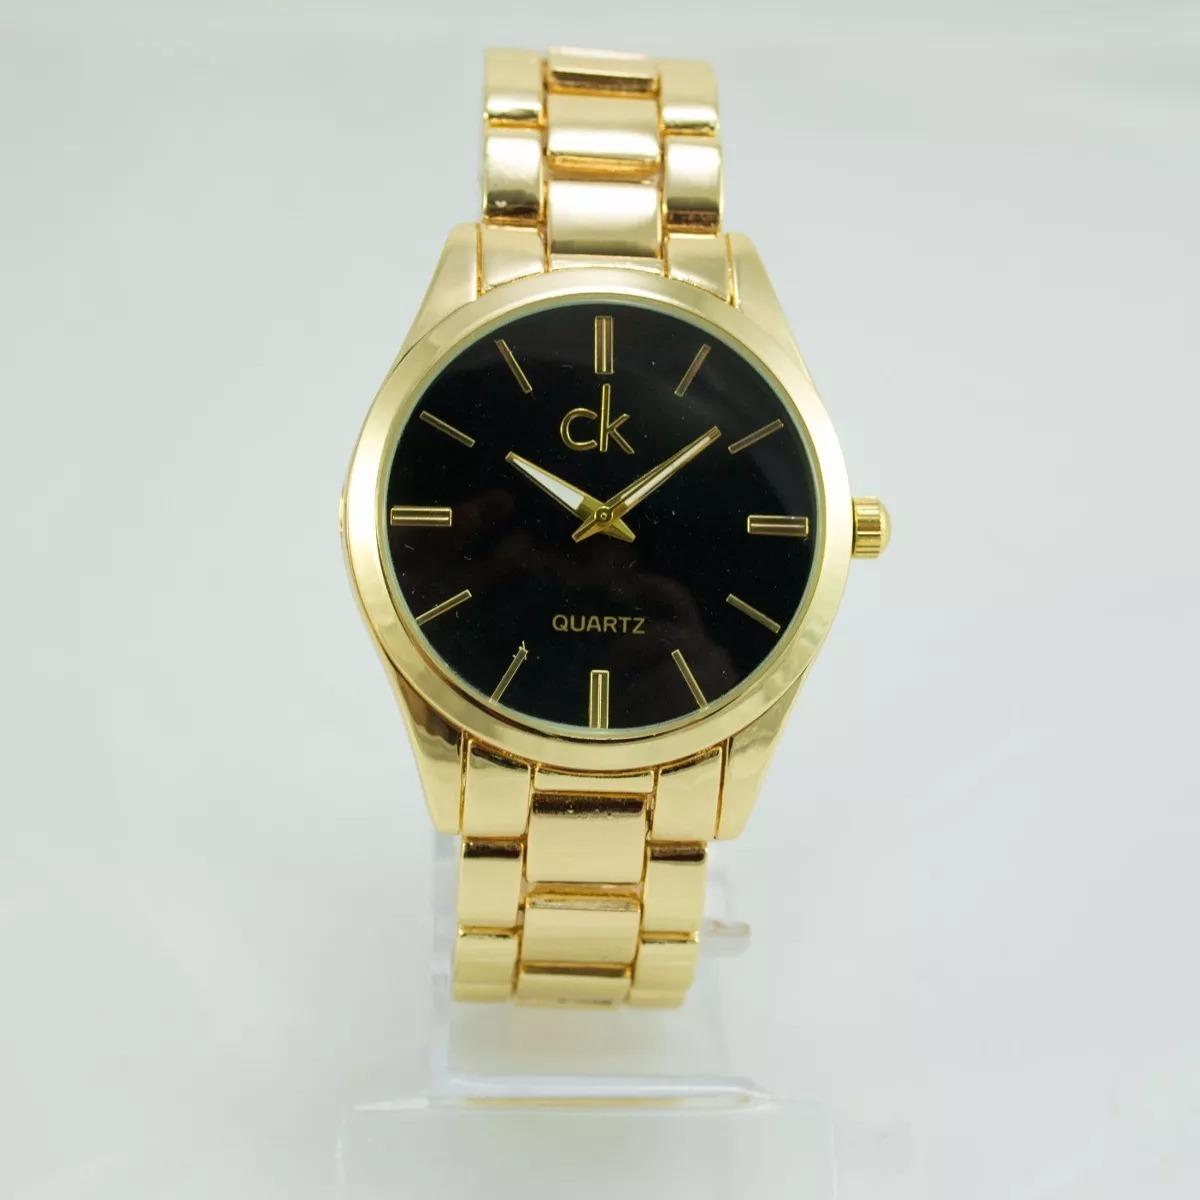 9362738c143 promoção relógio feminino ck luxo dourado analógico. Carregando zoom.